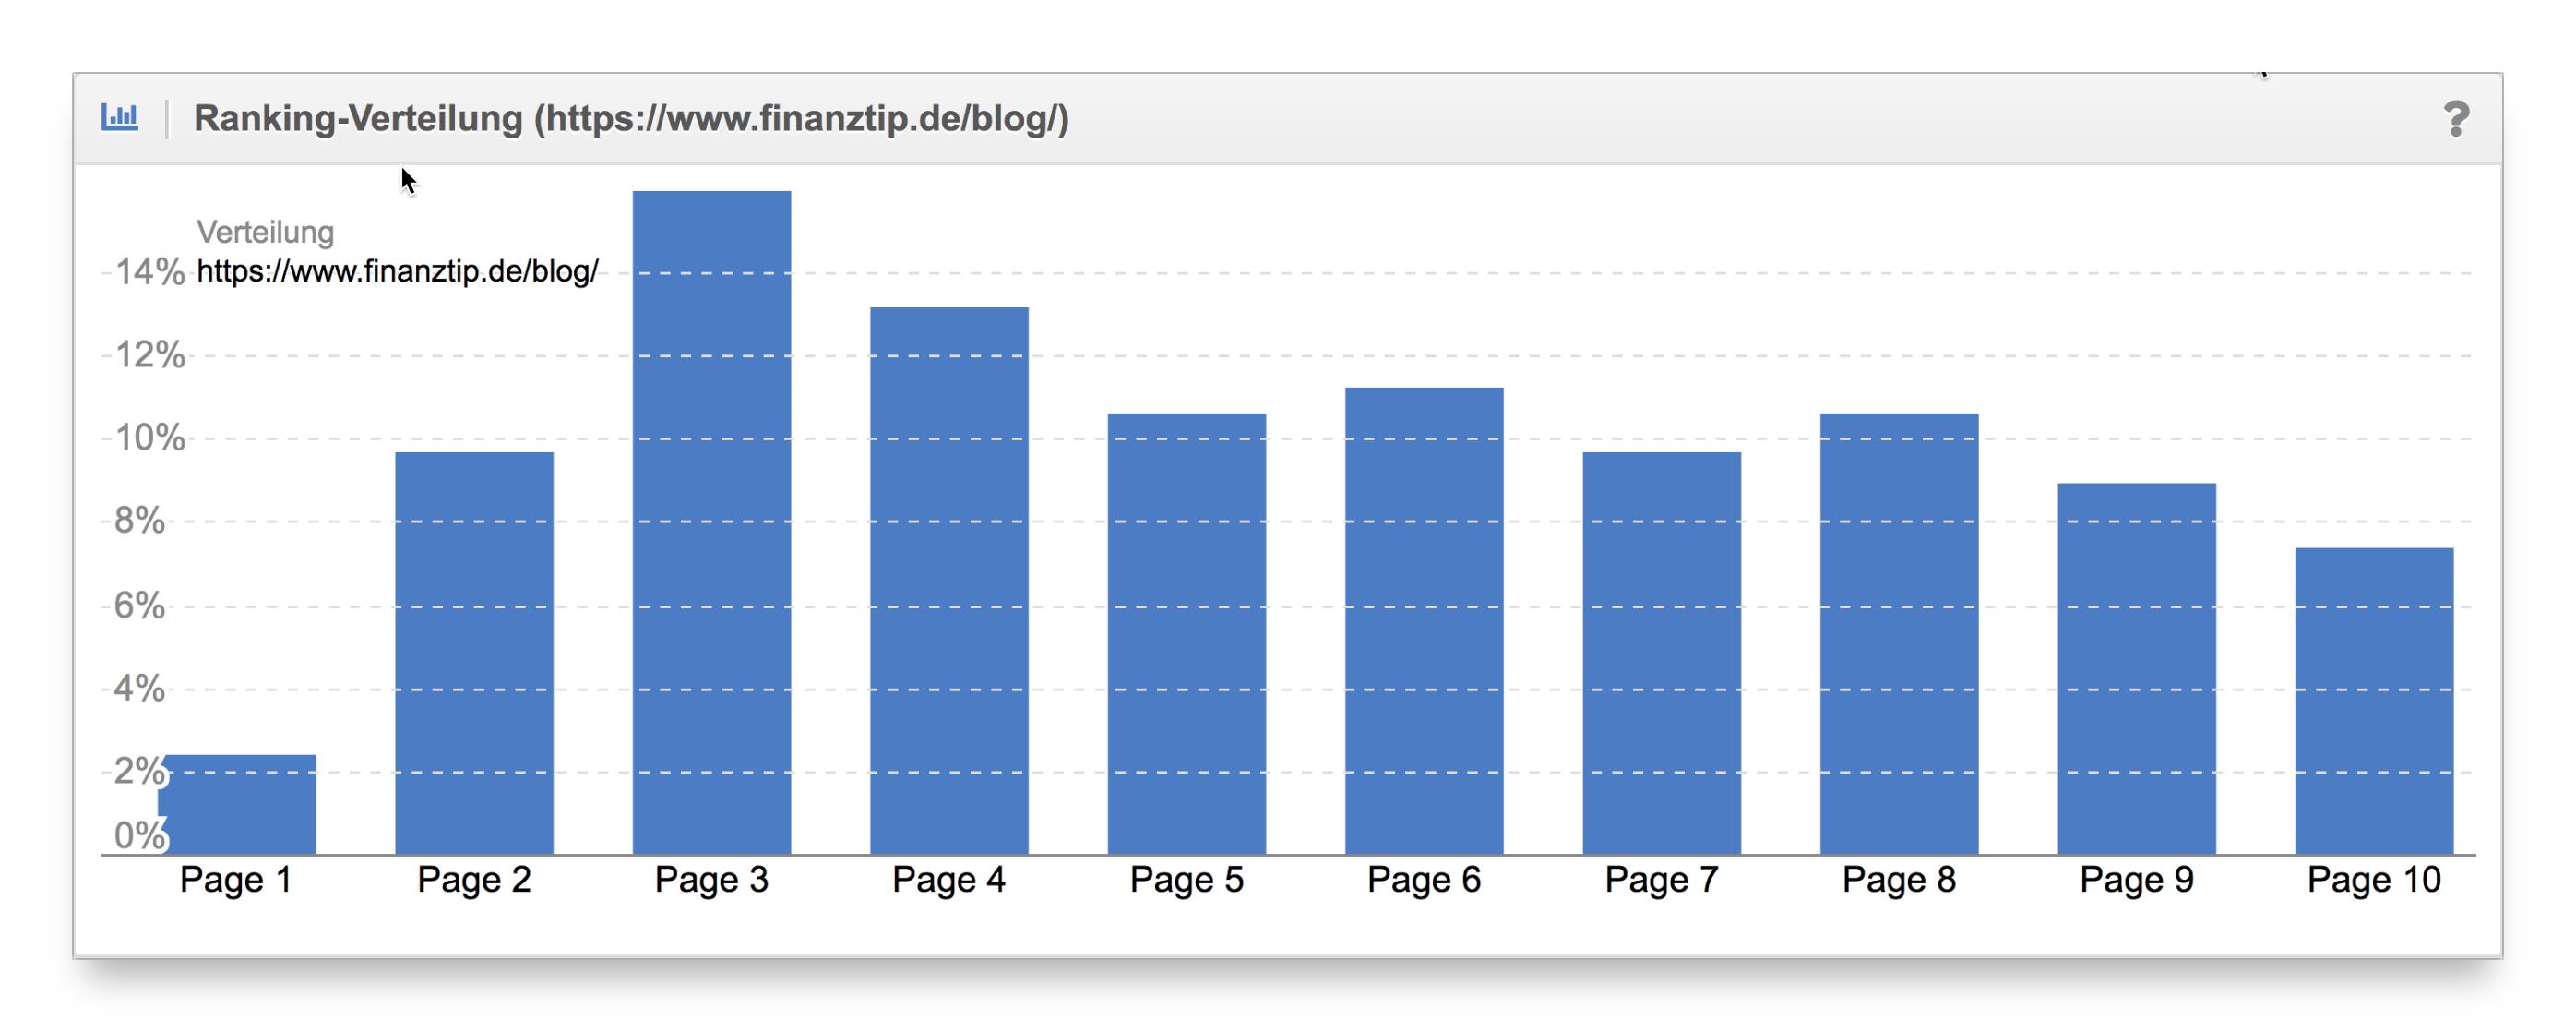 Vergleich Ranking-Verteilung Content-Formate finanztip.de